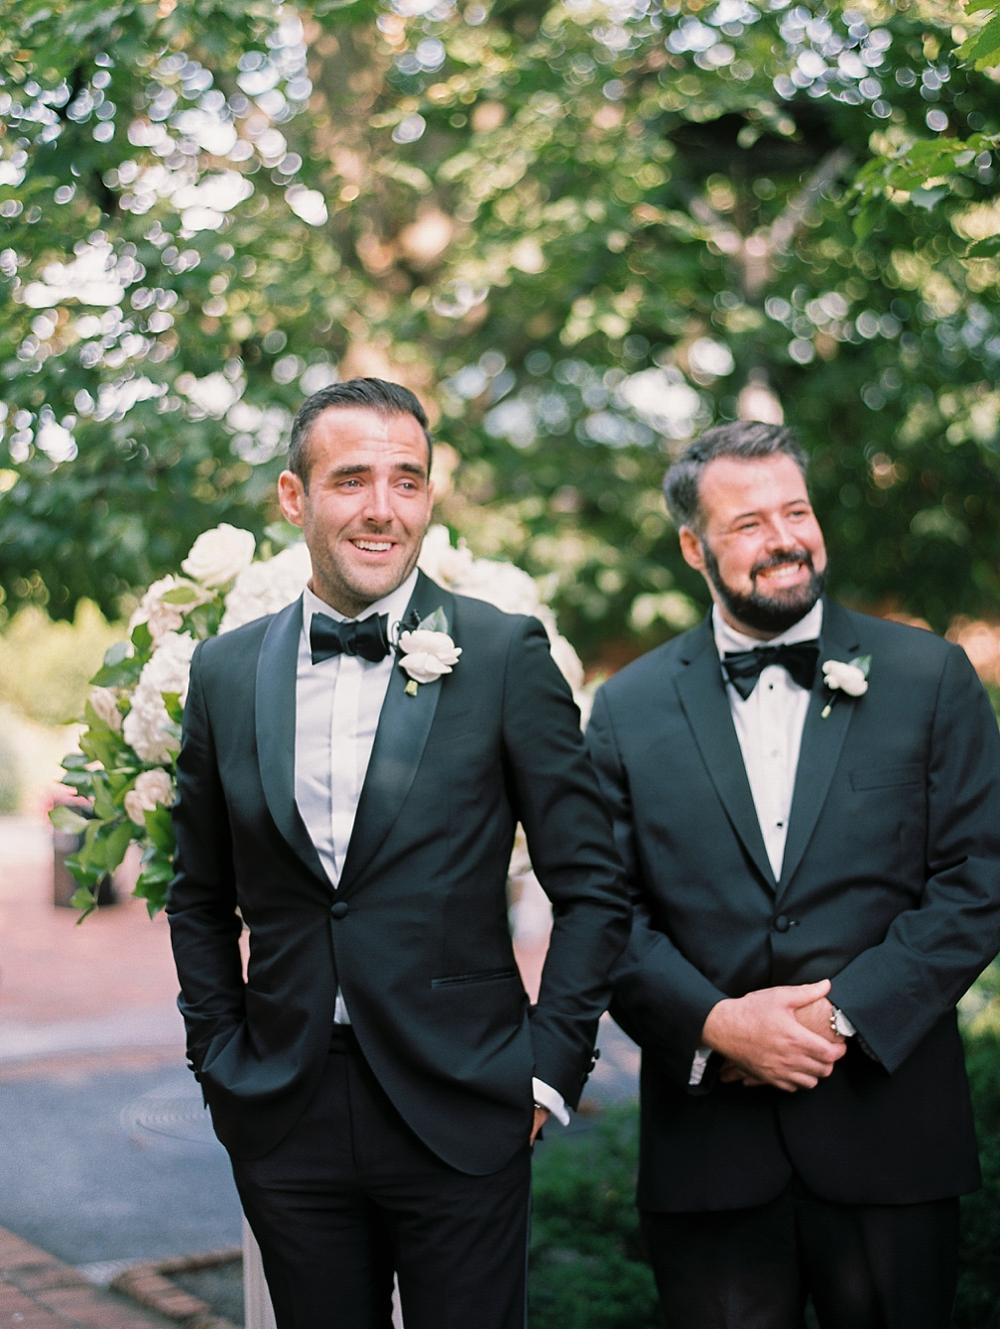 kristin-la-voie-photography-Chicago-Botanic-Garden-Wedding-8-29-21-226